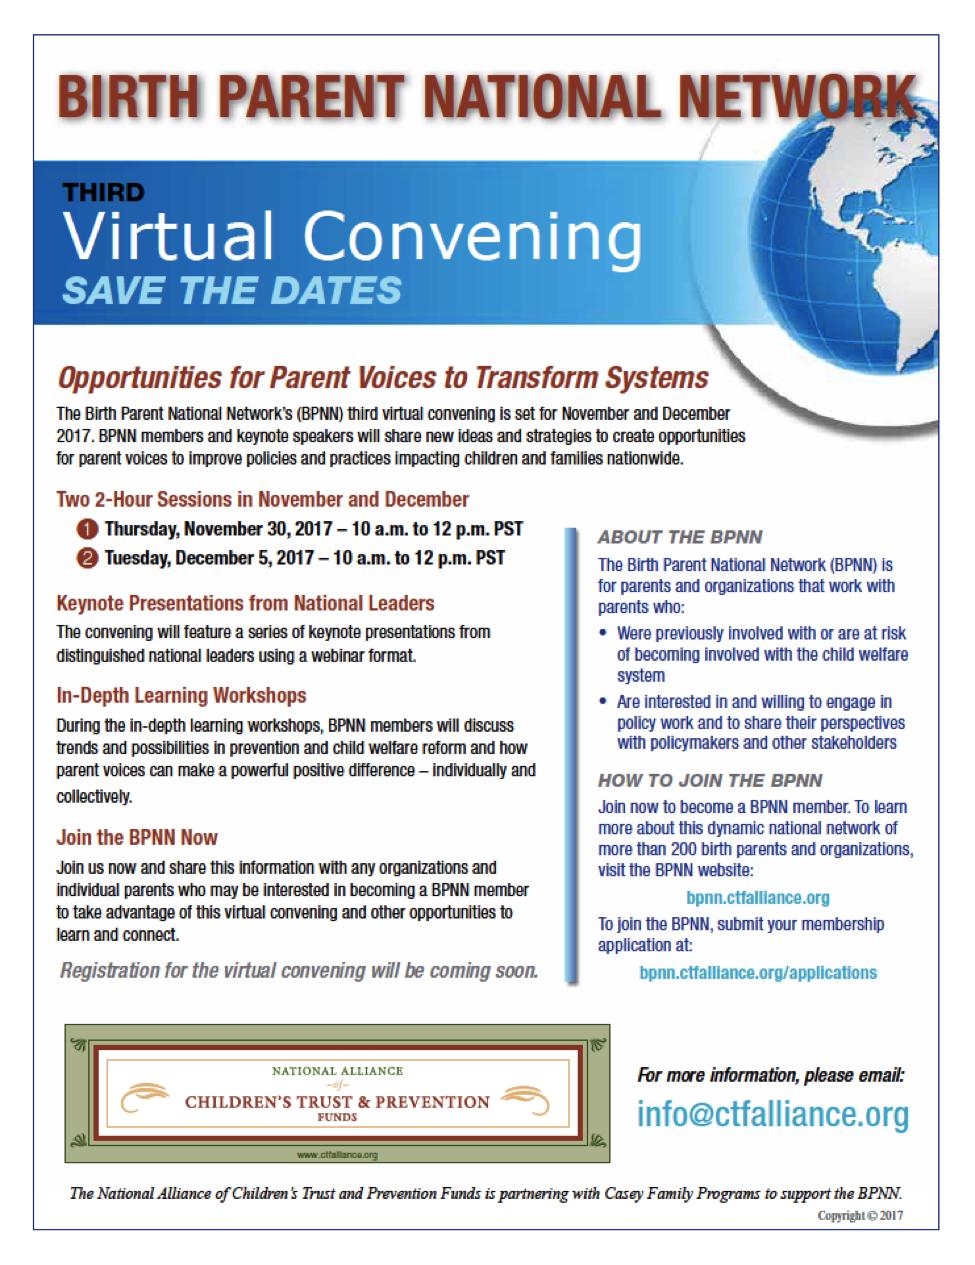 BPNN virtual convention